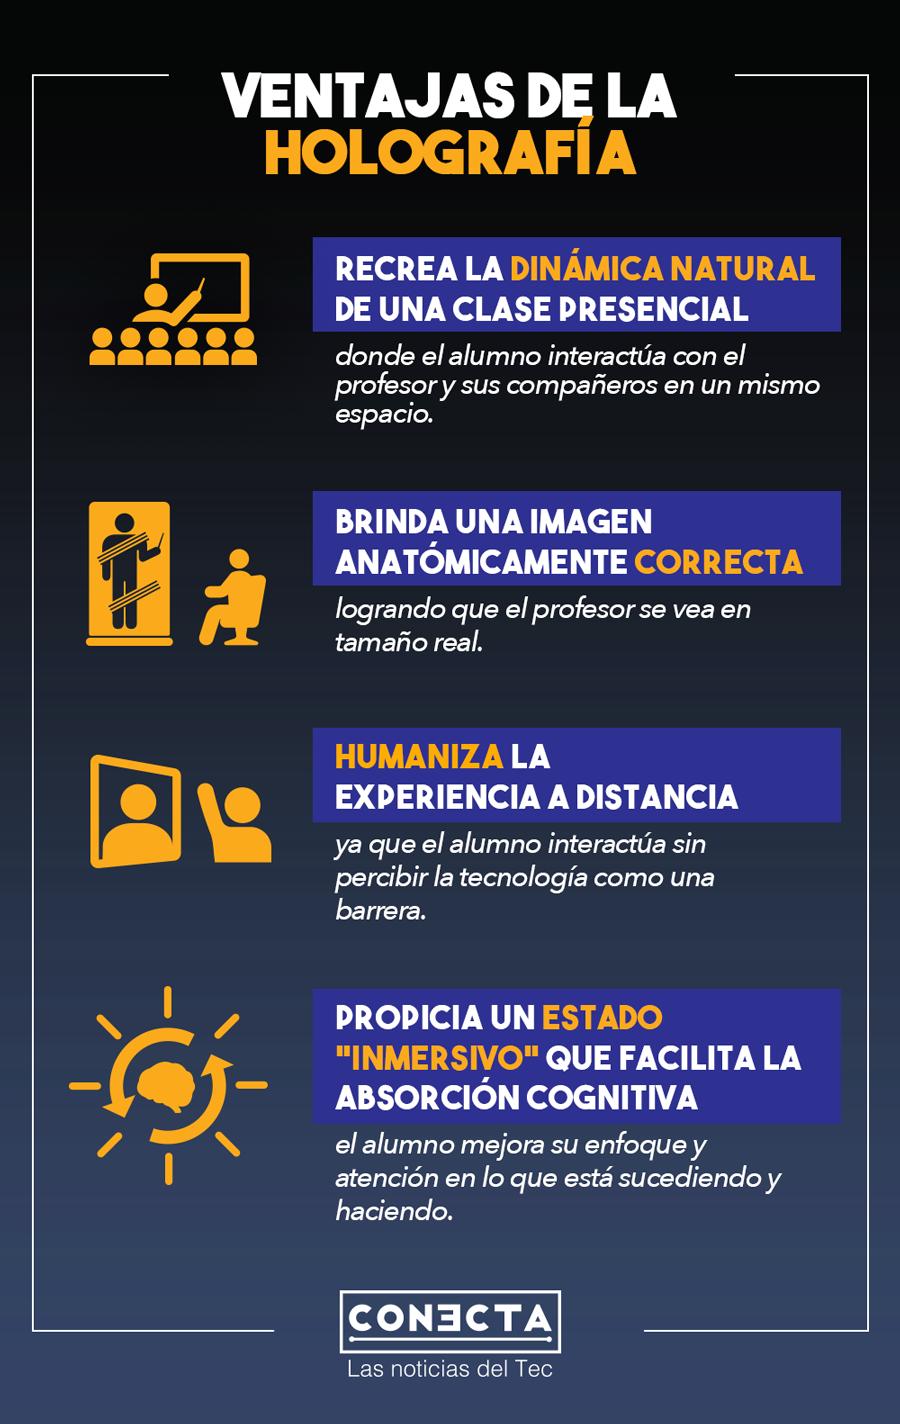 Se llevó a cabo la primera clase de telepresencia con holografía en el Tec de Monterrey.